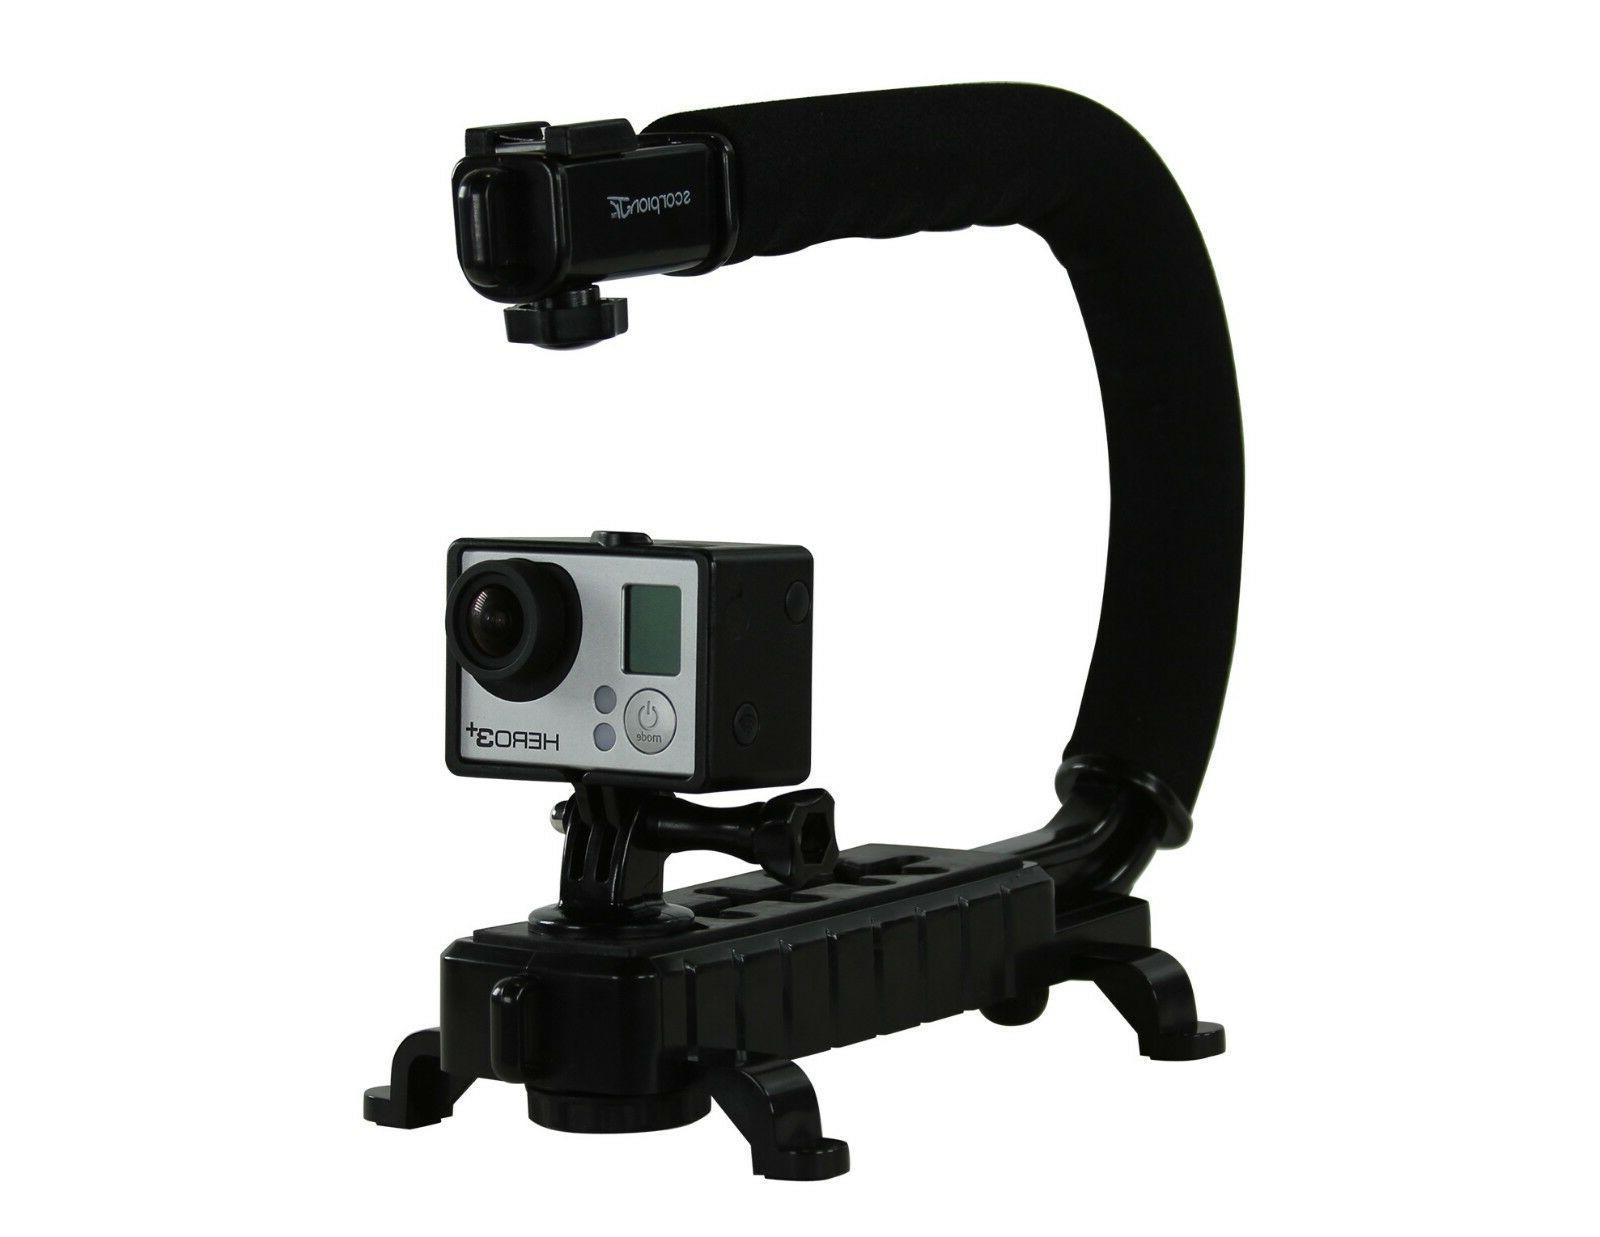 C/U Grip for Camera Video